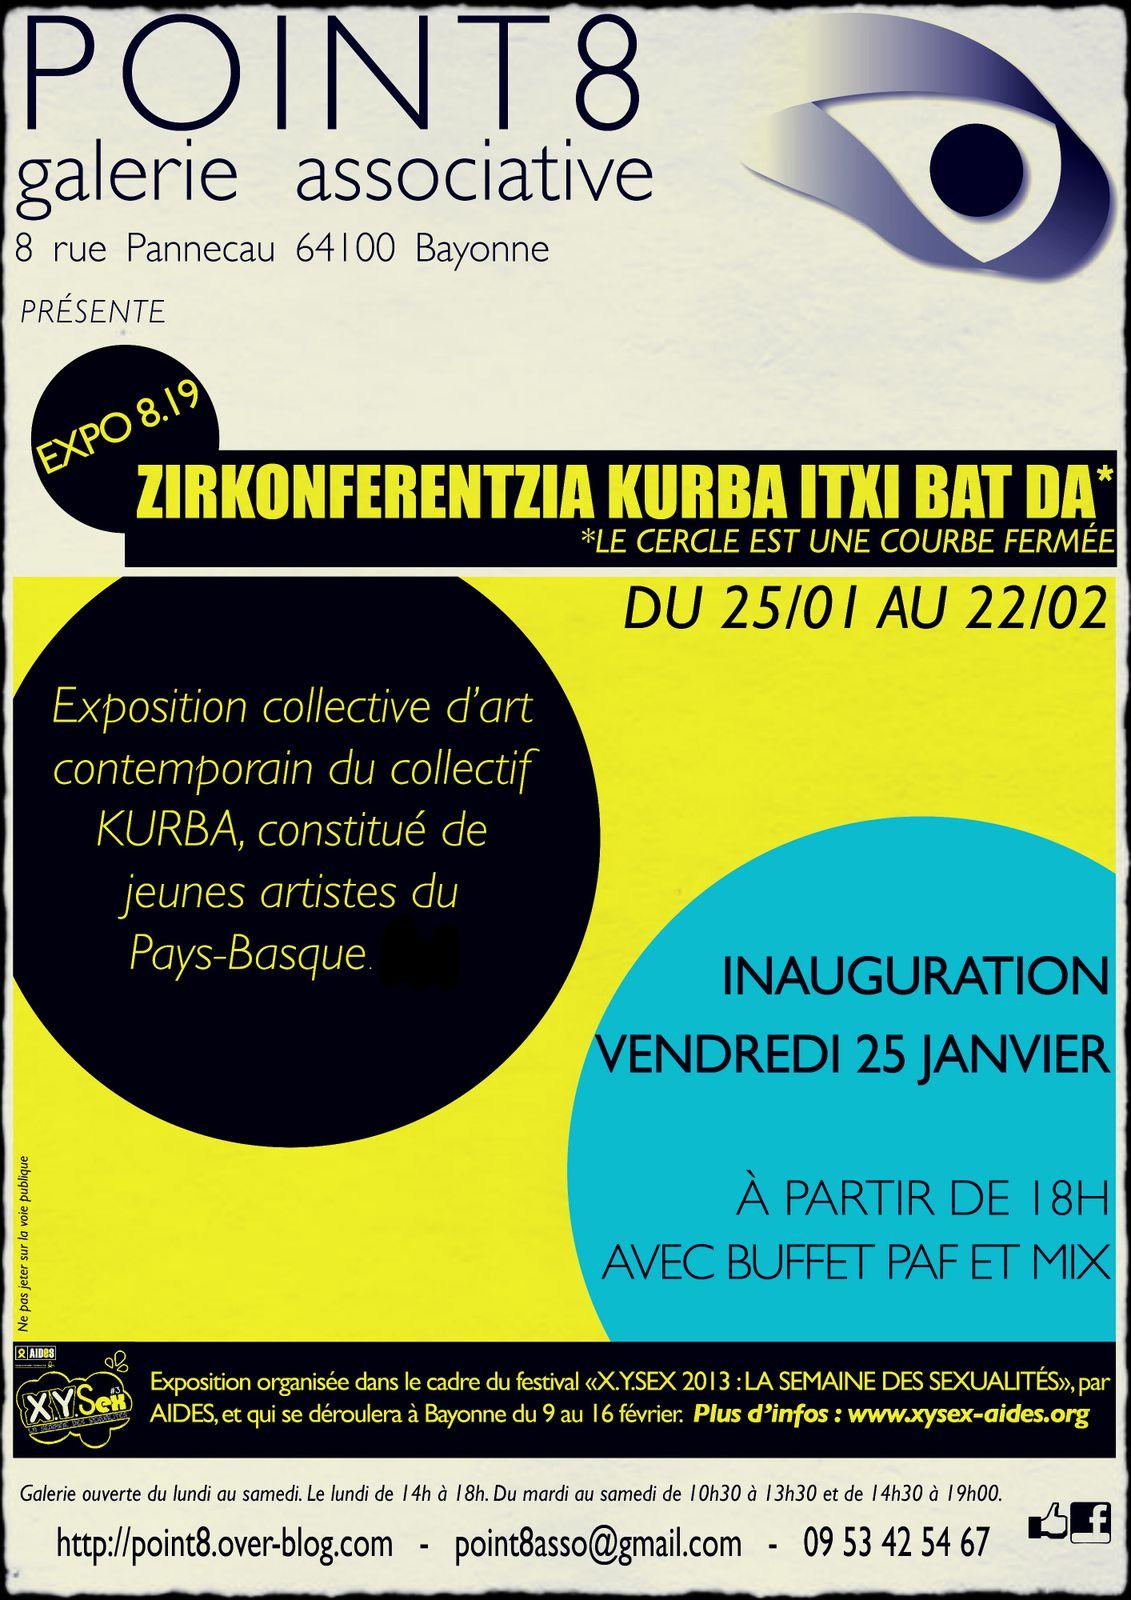 (2013/01) EXPO 8.19 ZIRKONFERENTZIA KURBA ITXI BAT DA